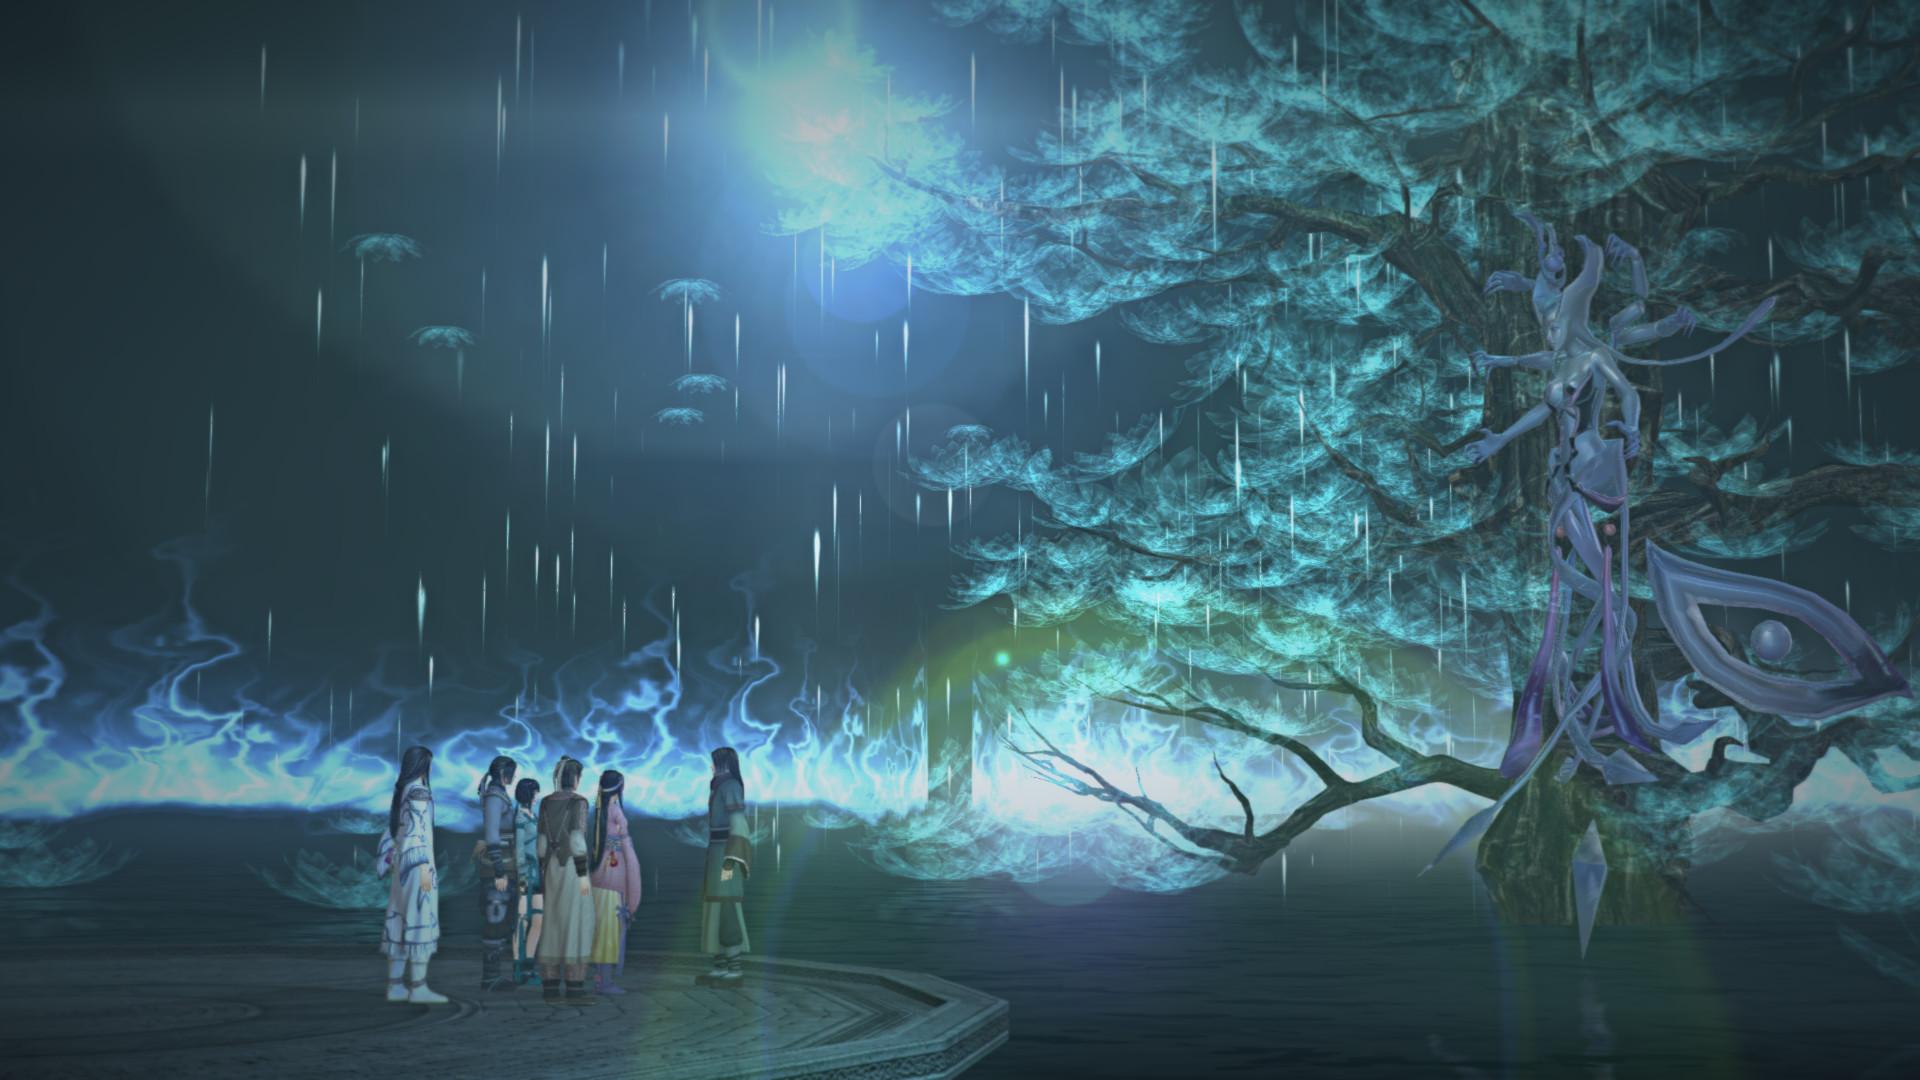 仙剑奇侠传6/5/4/3/2/1合集-爱游·幻想